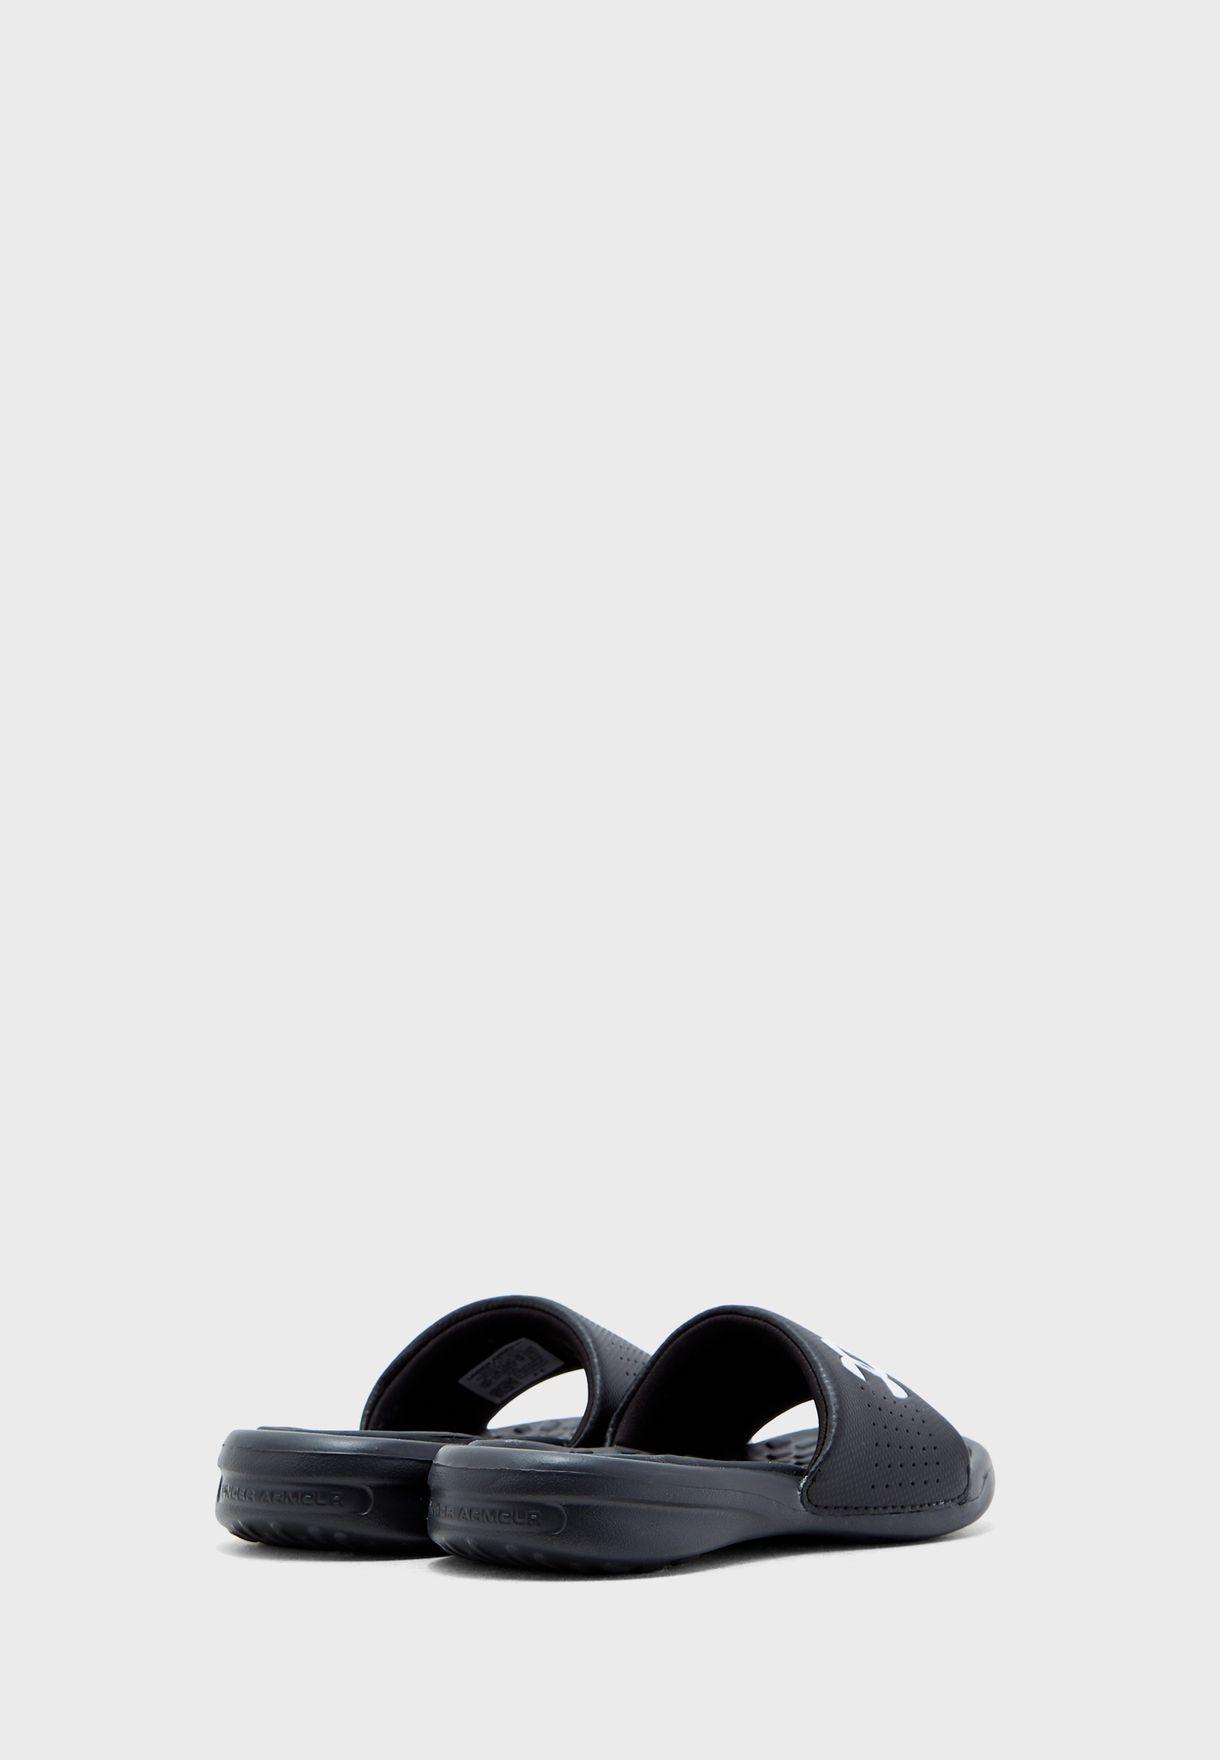 حذاء بلاي ميكر فيكس اس ال